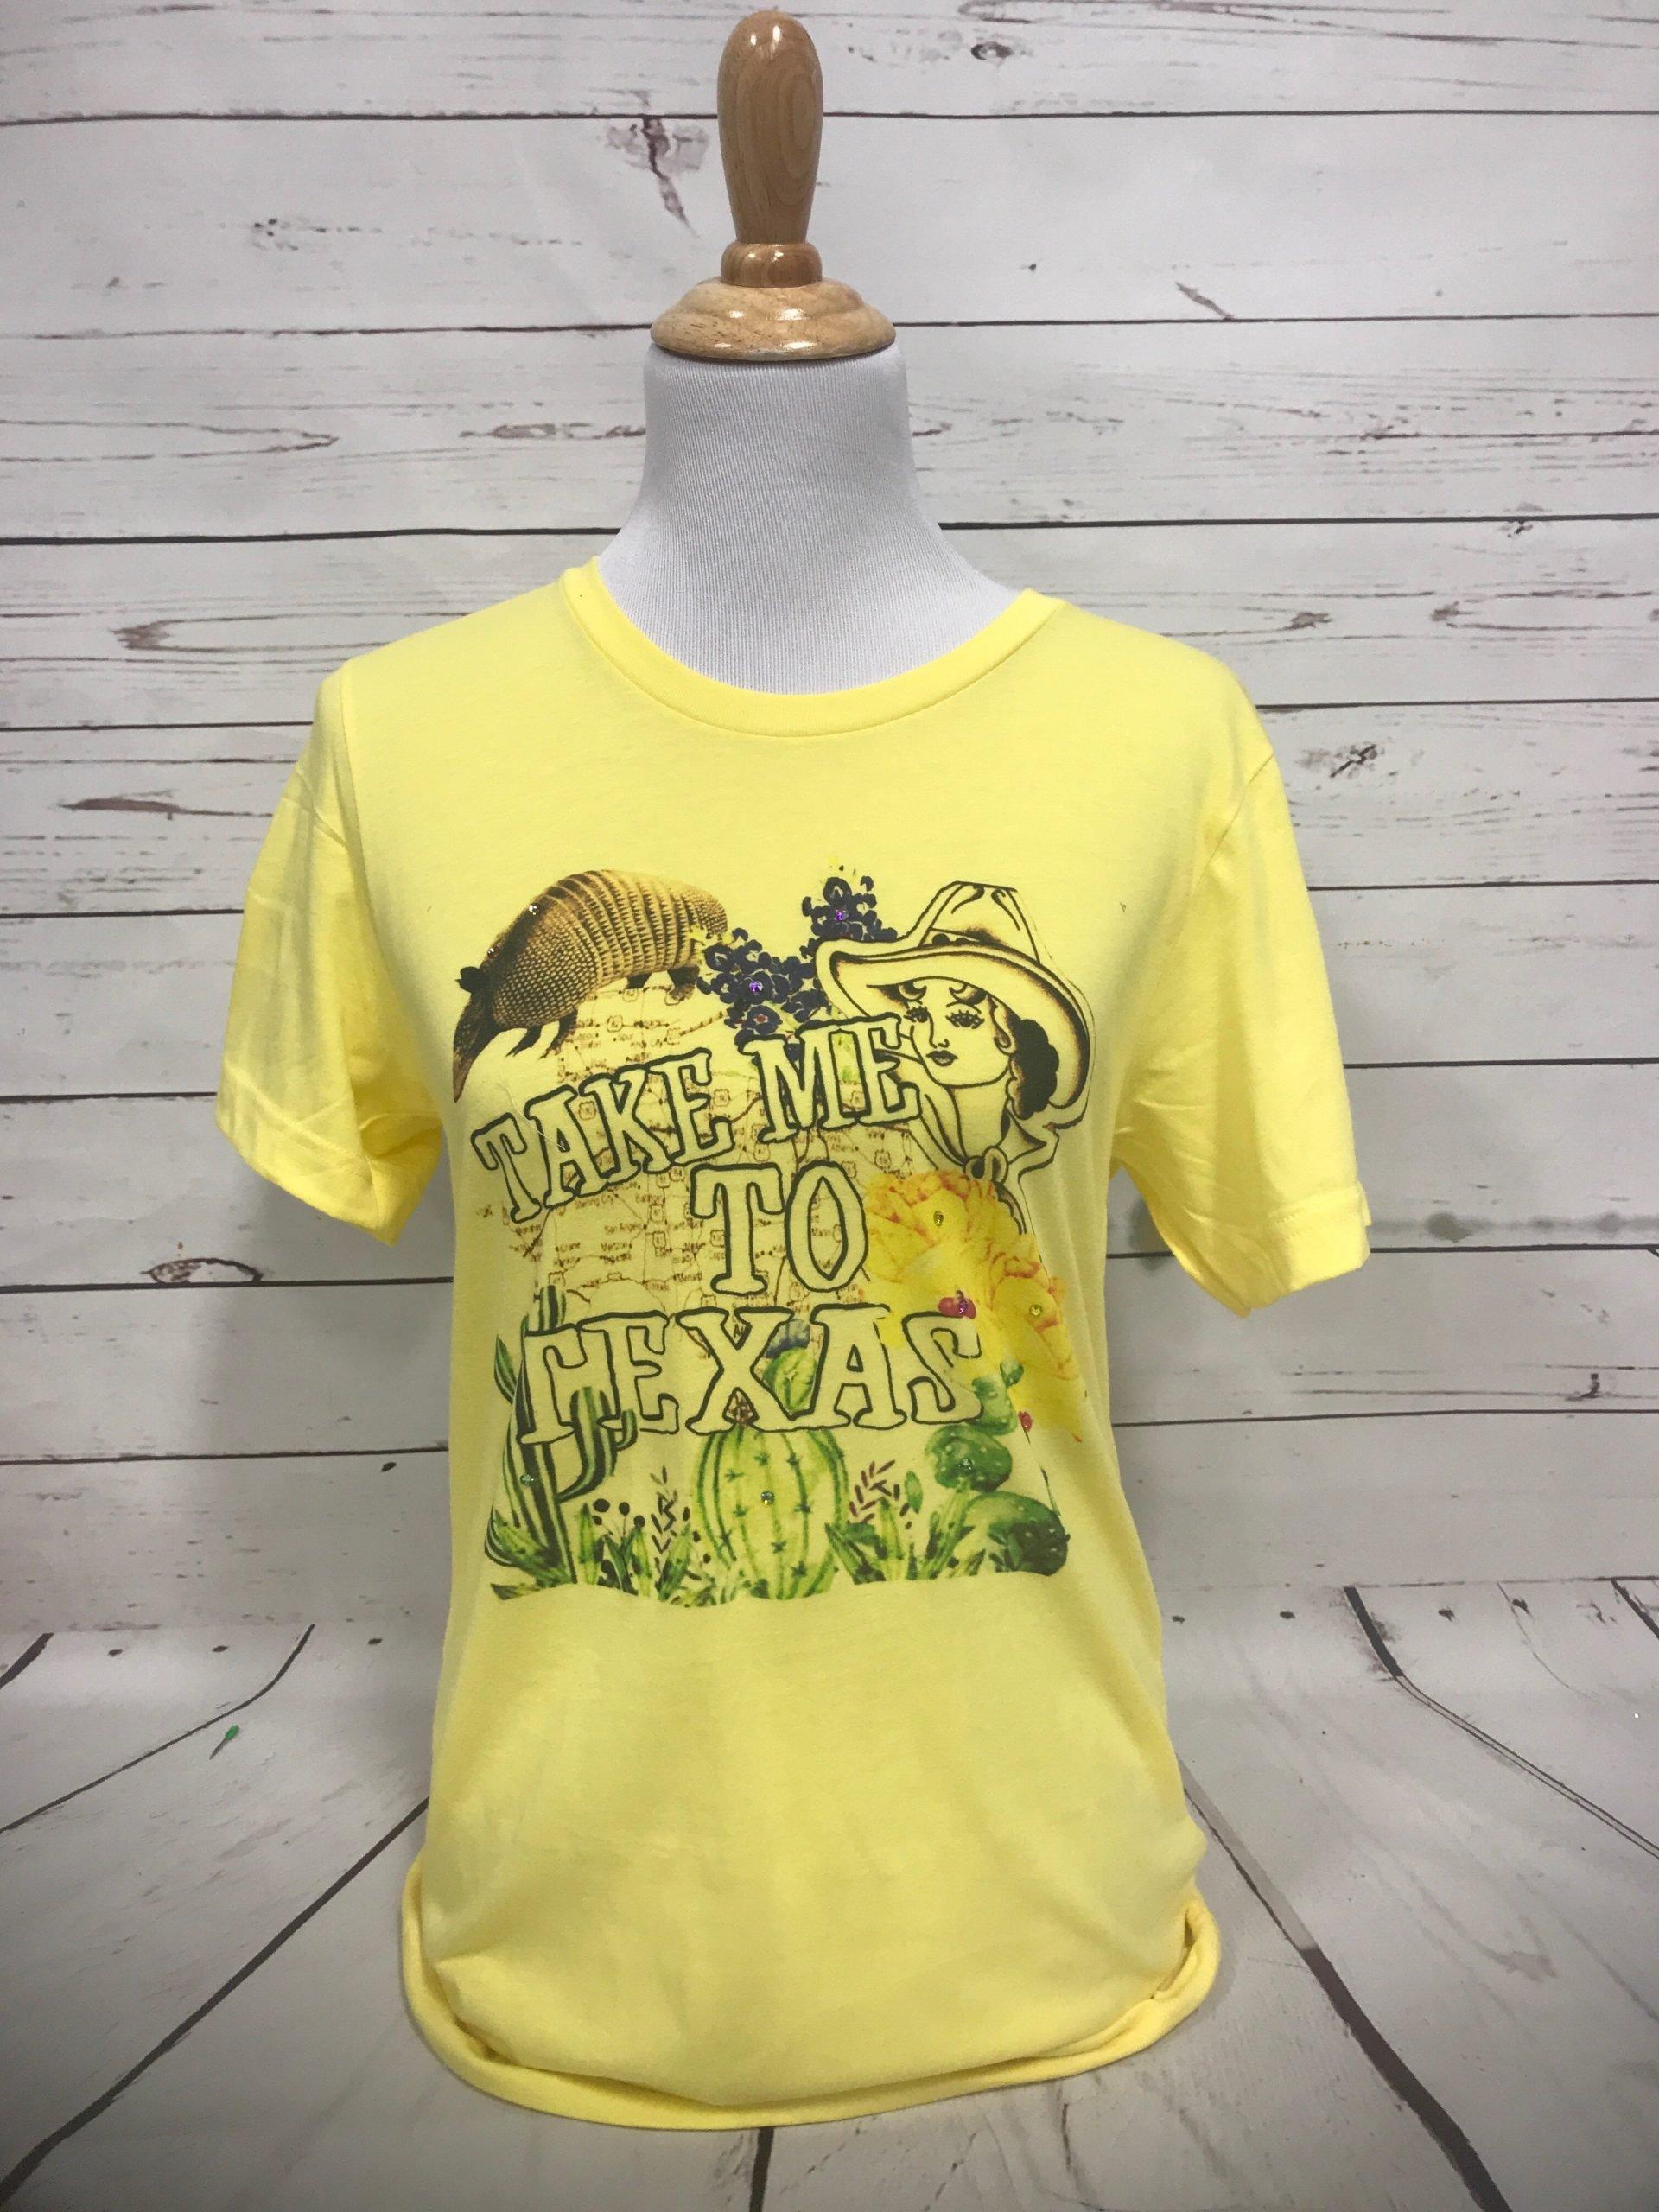 Take Me To Texas Yellow Tultex